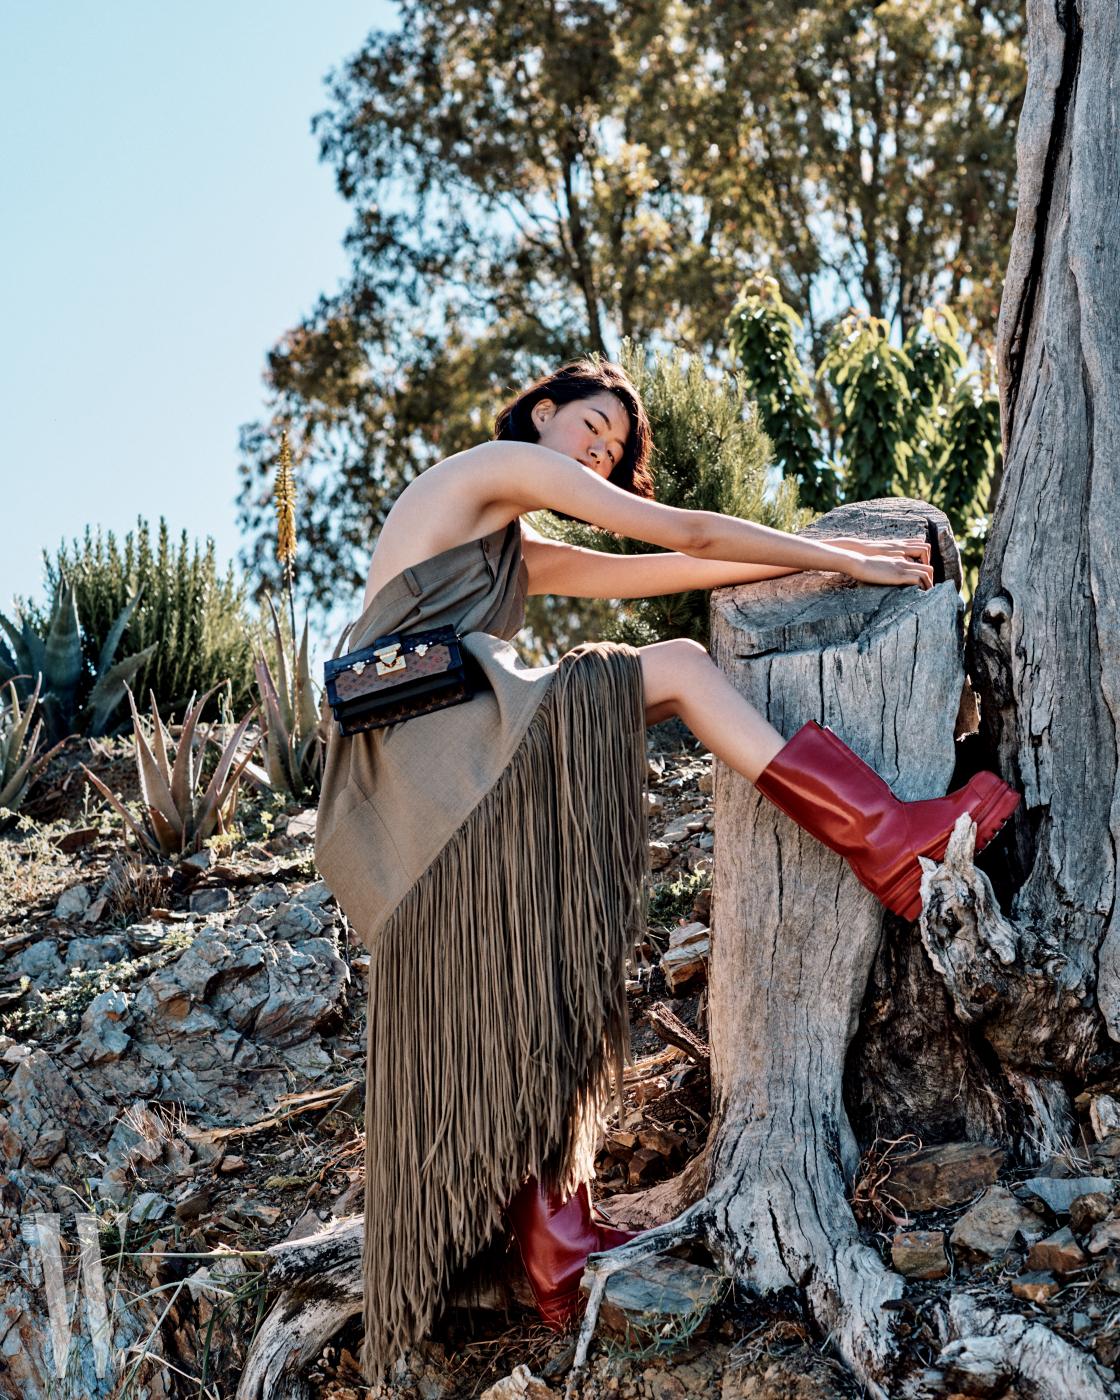 프린지 드레스는 Celine, 허리에 찬 트렁크 클러치는 Louis Vuitton, 투박한 부츠는 Marni 제품.